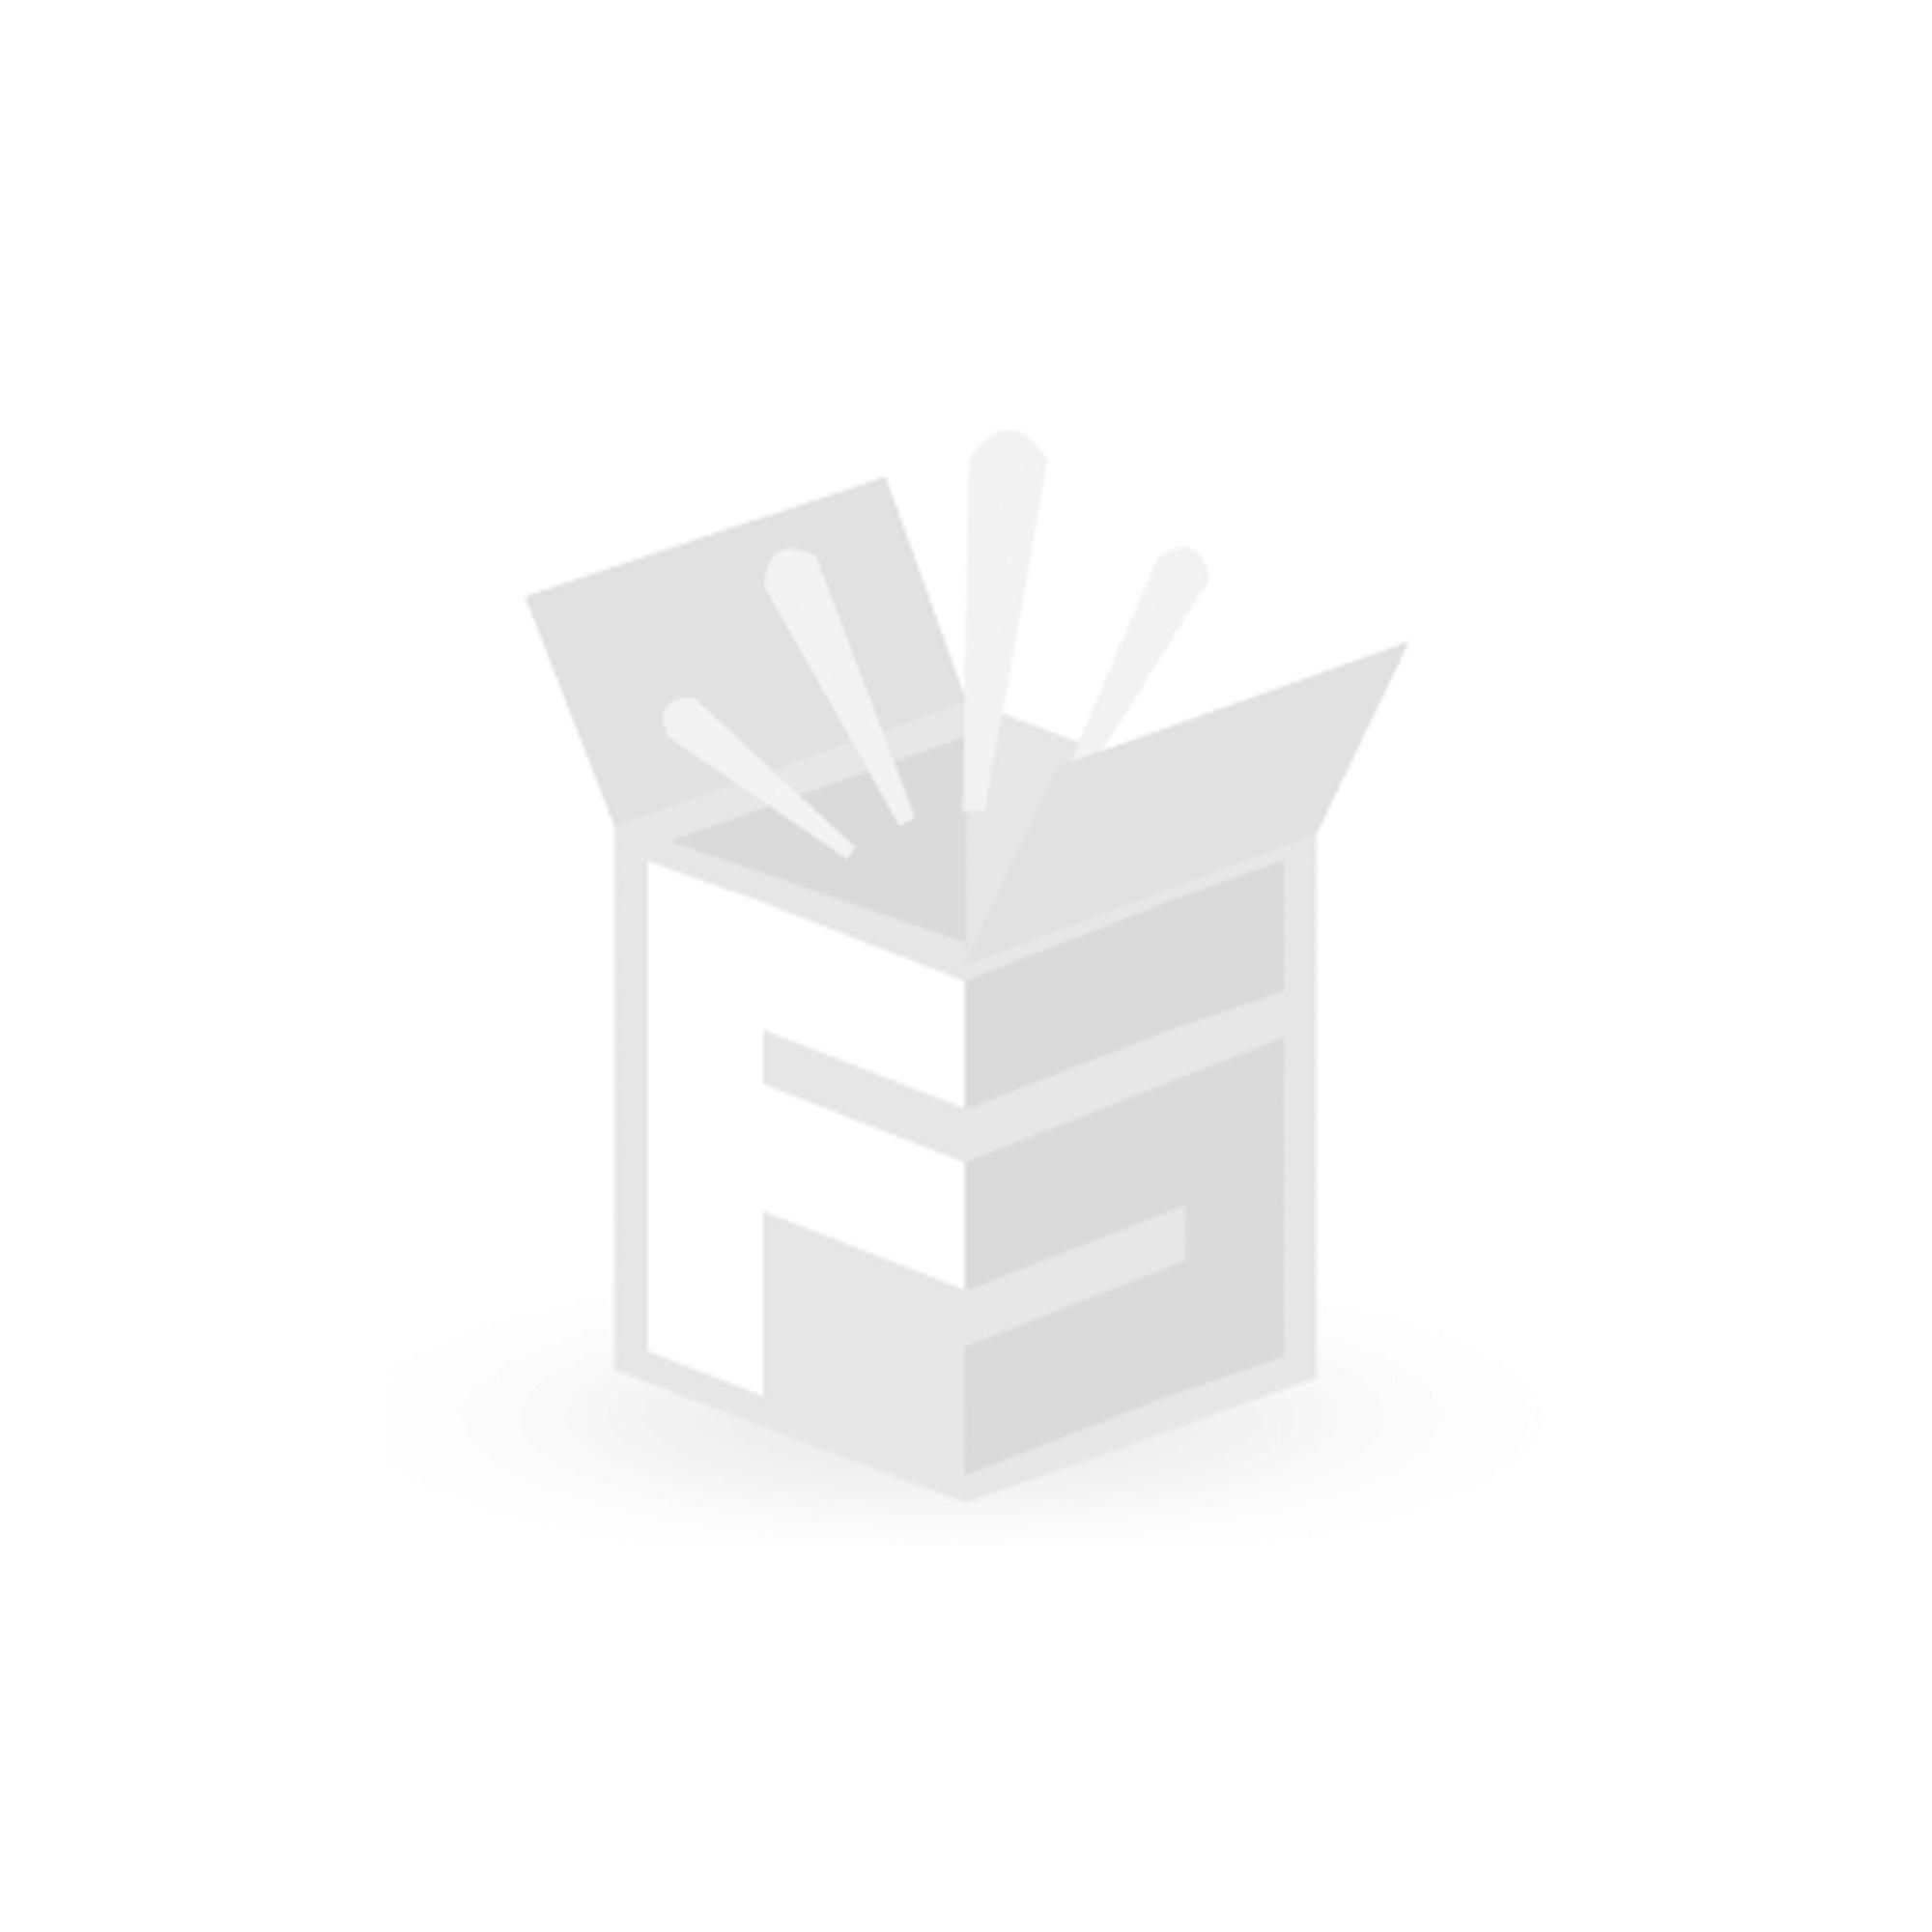 Swiffer Wet Lingettes paquet de recharge, 12 pièces